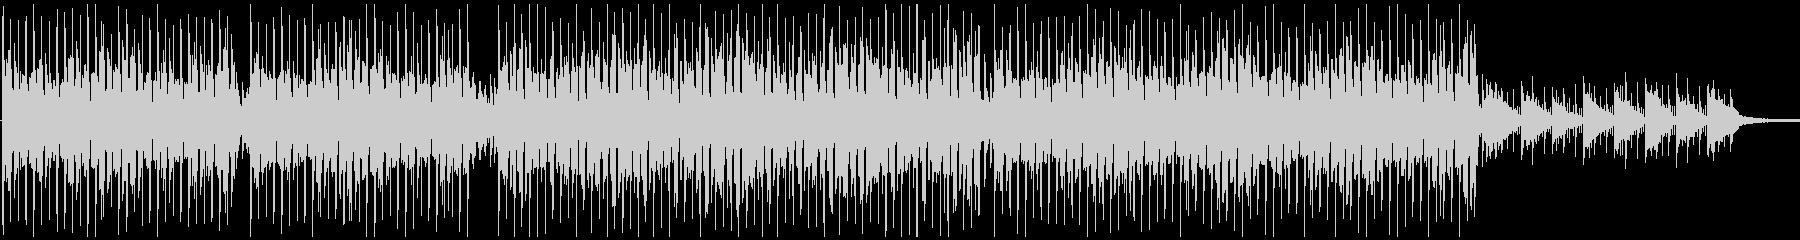 アンビエント テクノロジー ピアノ...の未再生の波形